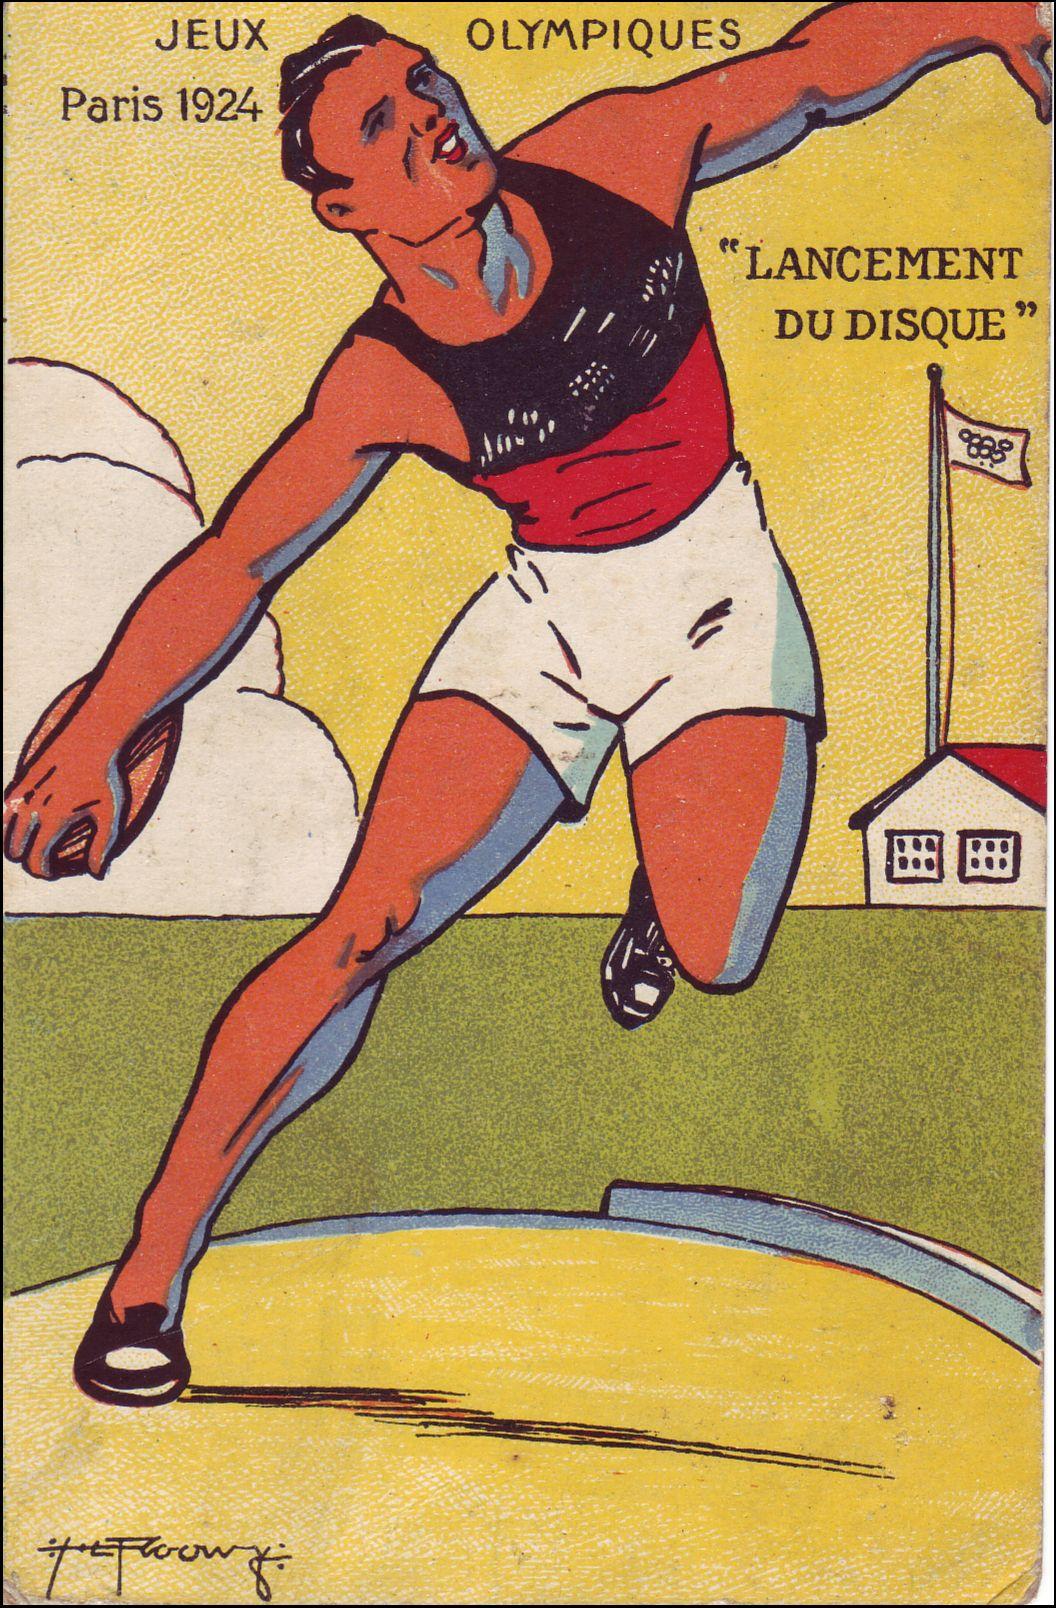 L'Américain Clarence Houser remporte les concours du disque et du poids. Son compatriote William DeHart Hubbard est le premier athlète noir a obtenir la médaille d'or en individuel dans le saut en longueur.